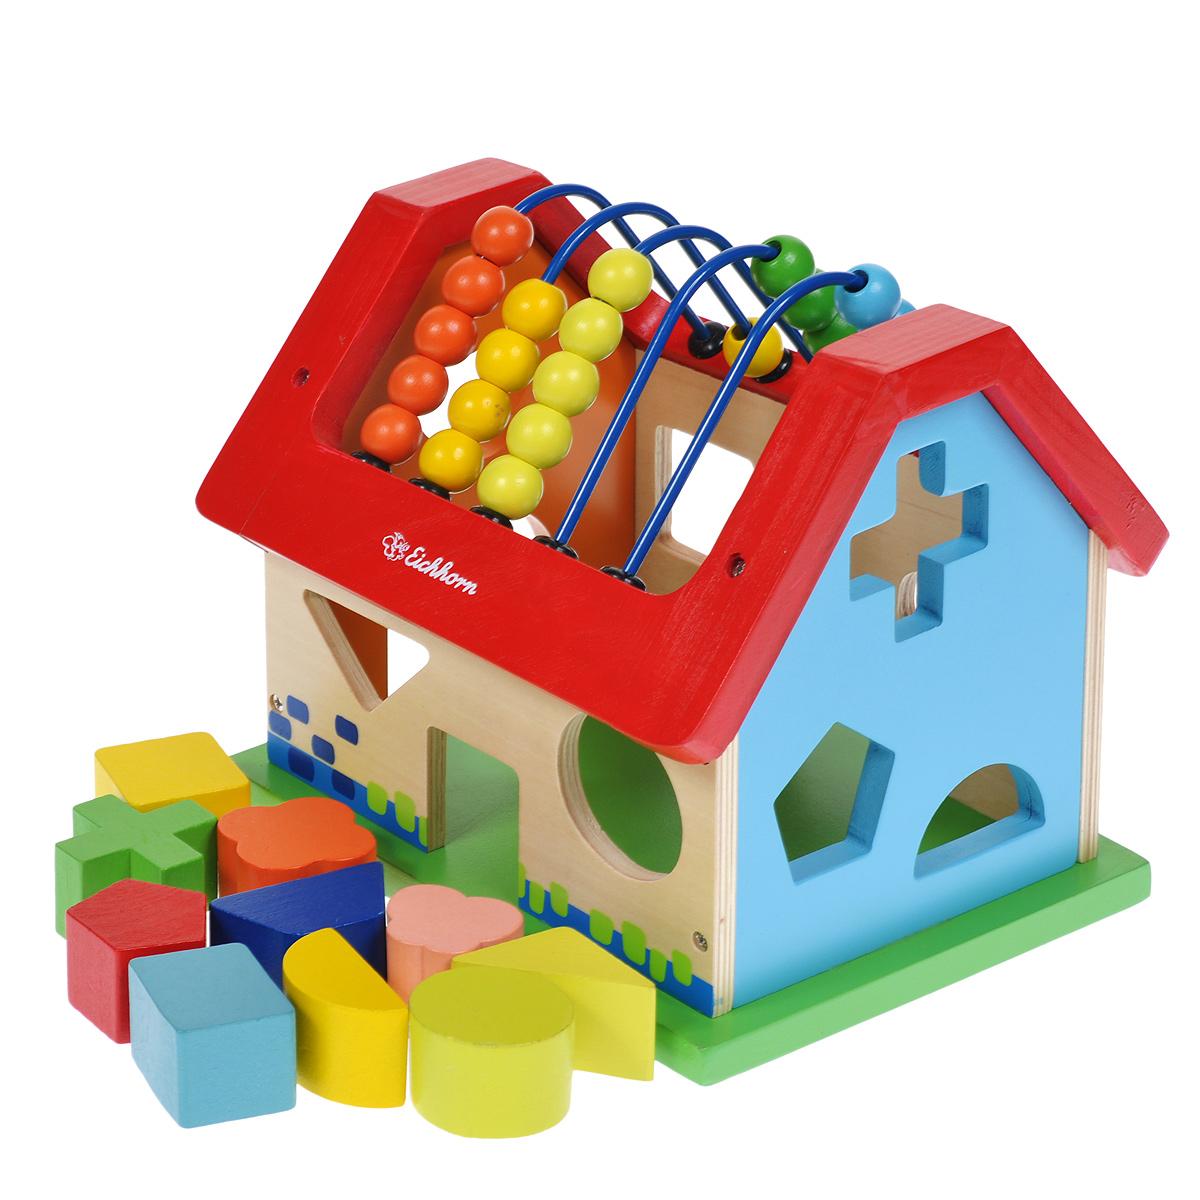 Simba Развивающая игрушка-сортер Eichhorn Домик2094Развивающая игрушка-сортер Eichhorn Домик непременно понравится вашему малышу и надолго займет его внимание. Сортер выполнен в виде домика, на стенках которого имеются отверстия в виде различных геометрических фигур. Задача малыша состоит в том, чтобы опустить фигурки, входящие в комплект, в соответствующие им отверстия. После того, как все фигурки окажутся внутри игрушки, их можно достать через дверцу домика. На крыше сортера расположены счеты с разноцветными бусинками. Ребенок сможет их просто передвигать или с их помощью осваивать счет. Элементы сортера выполнены из натурального дерева и покрашены безопасными красками. Игрушка-сортер Домик способствует развитию у малыша мелкой моторики рук, координации движений, знакомит с понятиями цвета, формы и размера предмета.